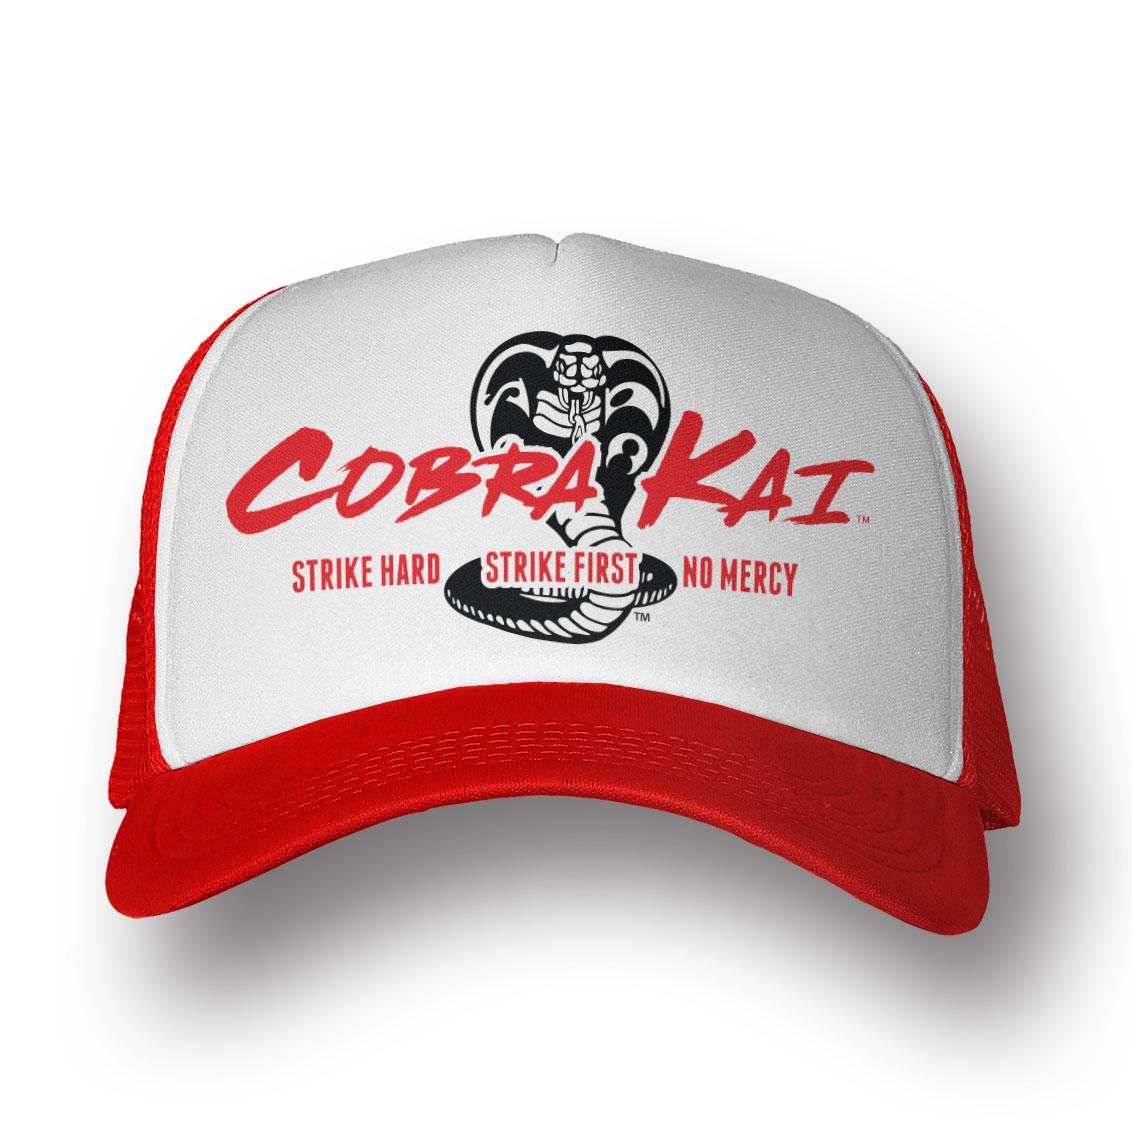 Cobra Kai Trucker Cap